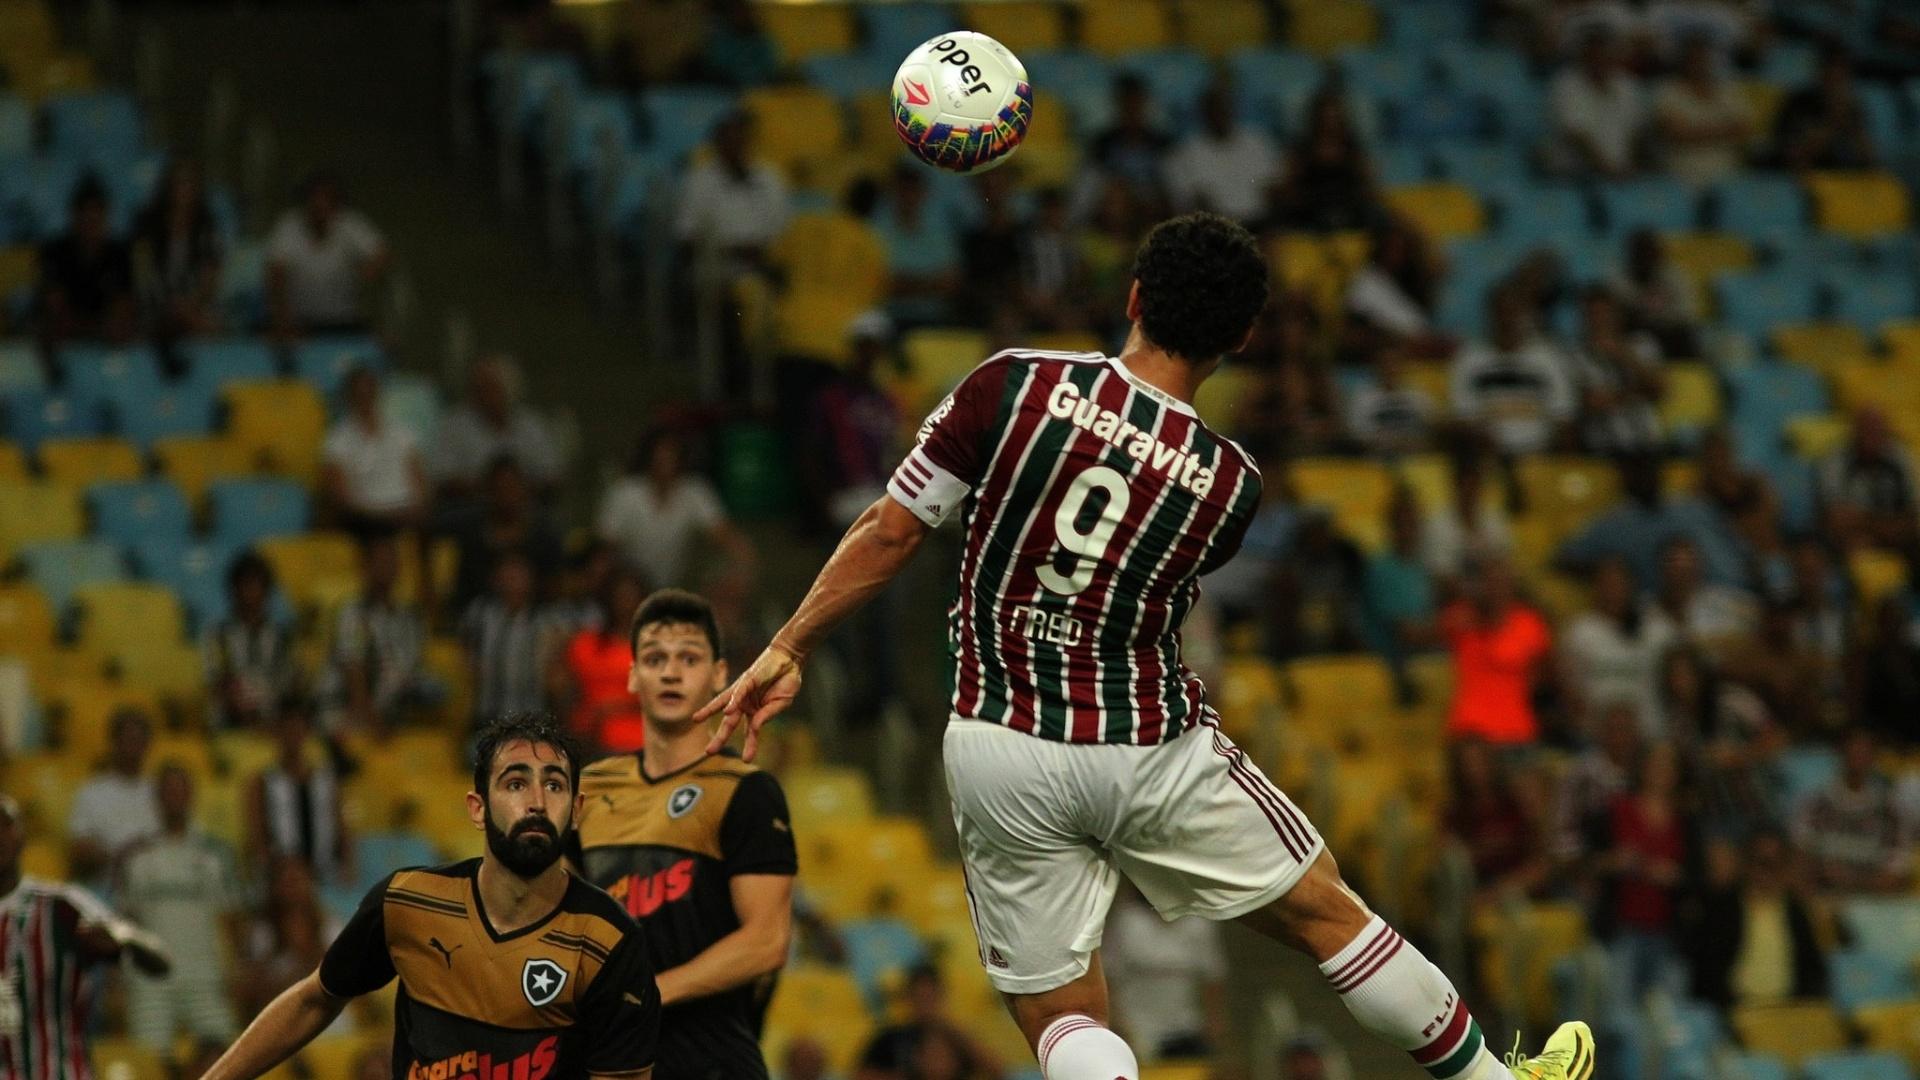 Fred sobe para marcar o primeiro gol do Fluminense contra o Botafogo, em jogo do Campeonato Carioca